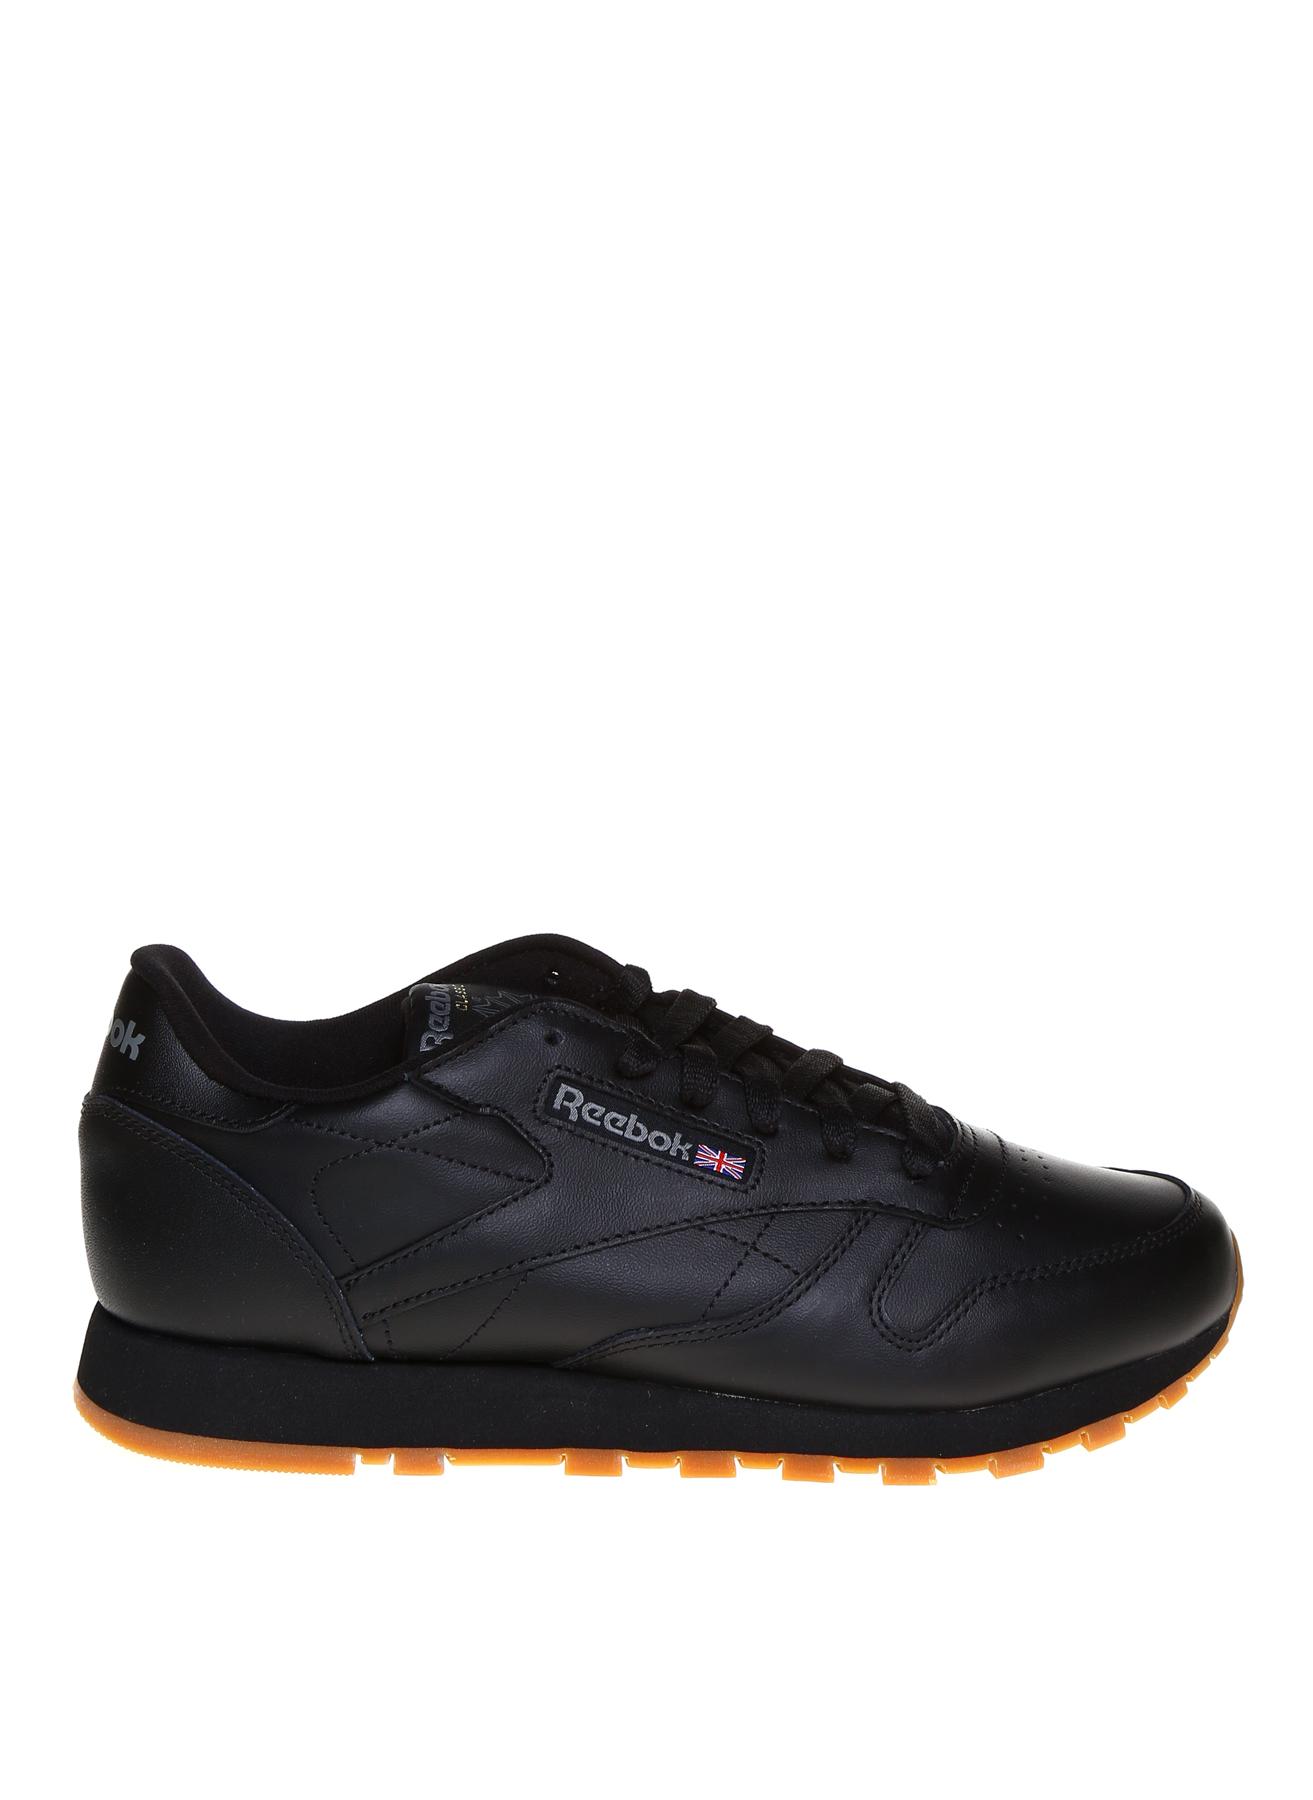 Reebok CL Leather Lifestyle Ayakkabı 37.5 5002325752001 Ürün Resmi